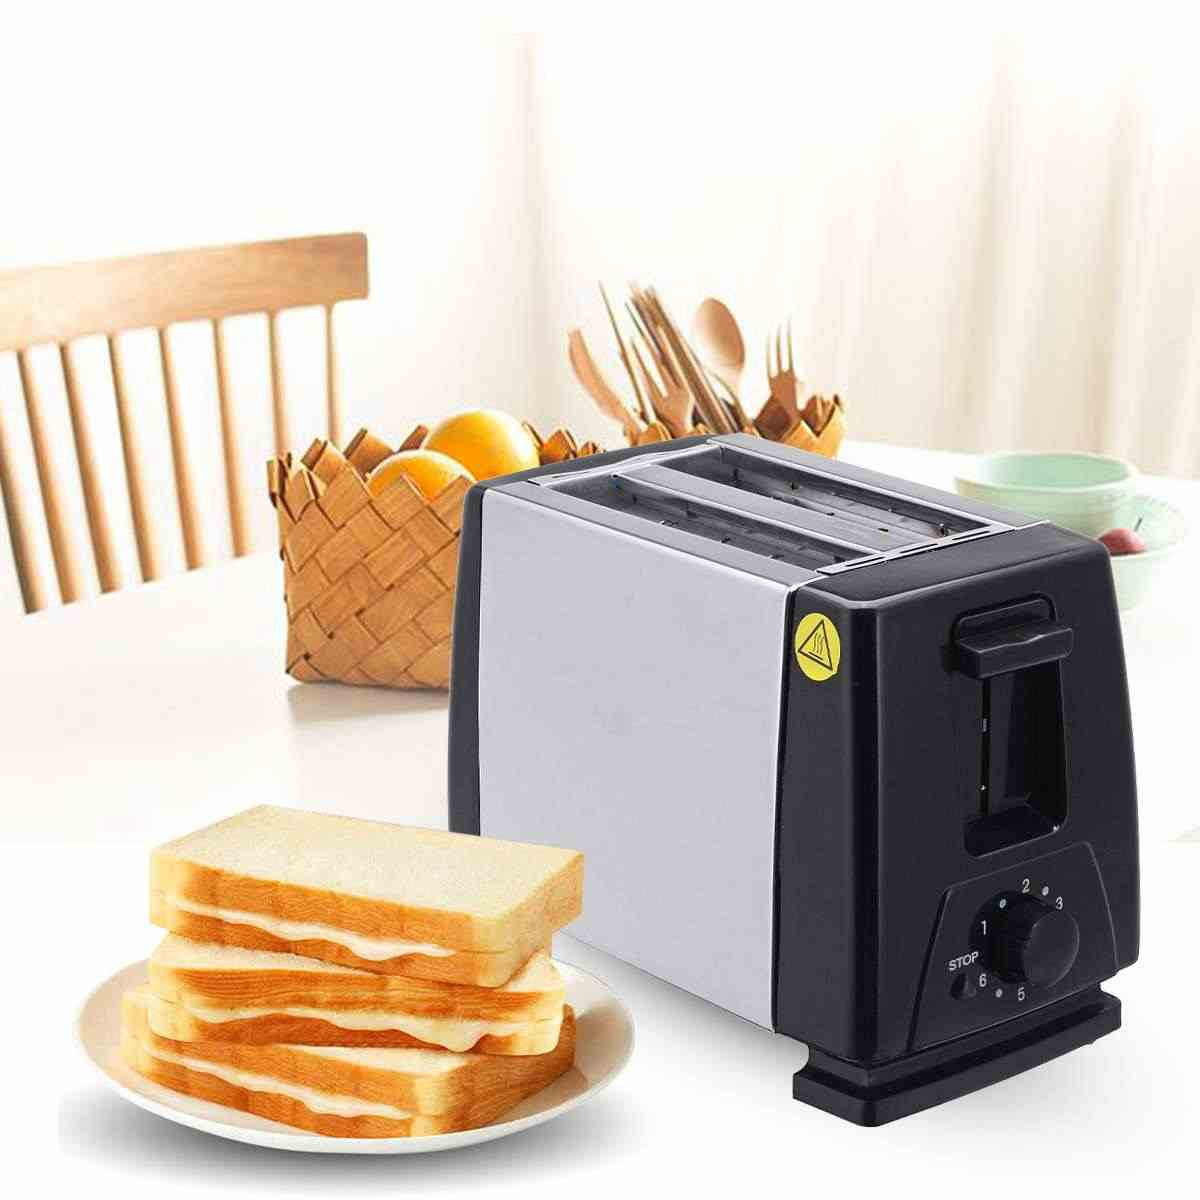 110V/220V elektryczny toster gospodarstwa domowego 6 biegów automatyczne wypiek chleba ekspres do urządzenie śniadaniowe Toast Sandwich Grill piekarnik 2-kawałek